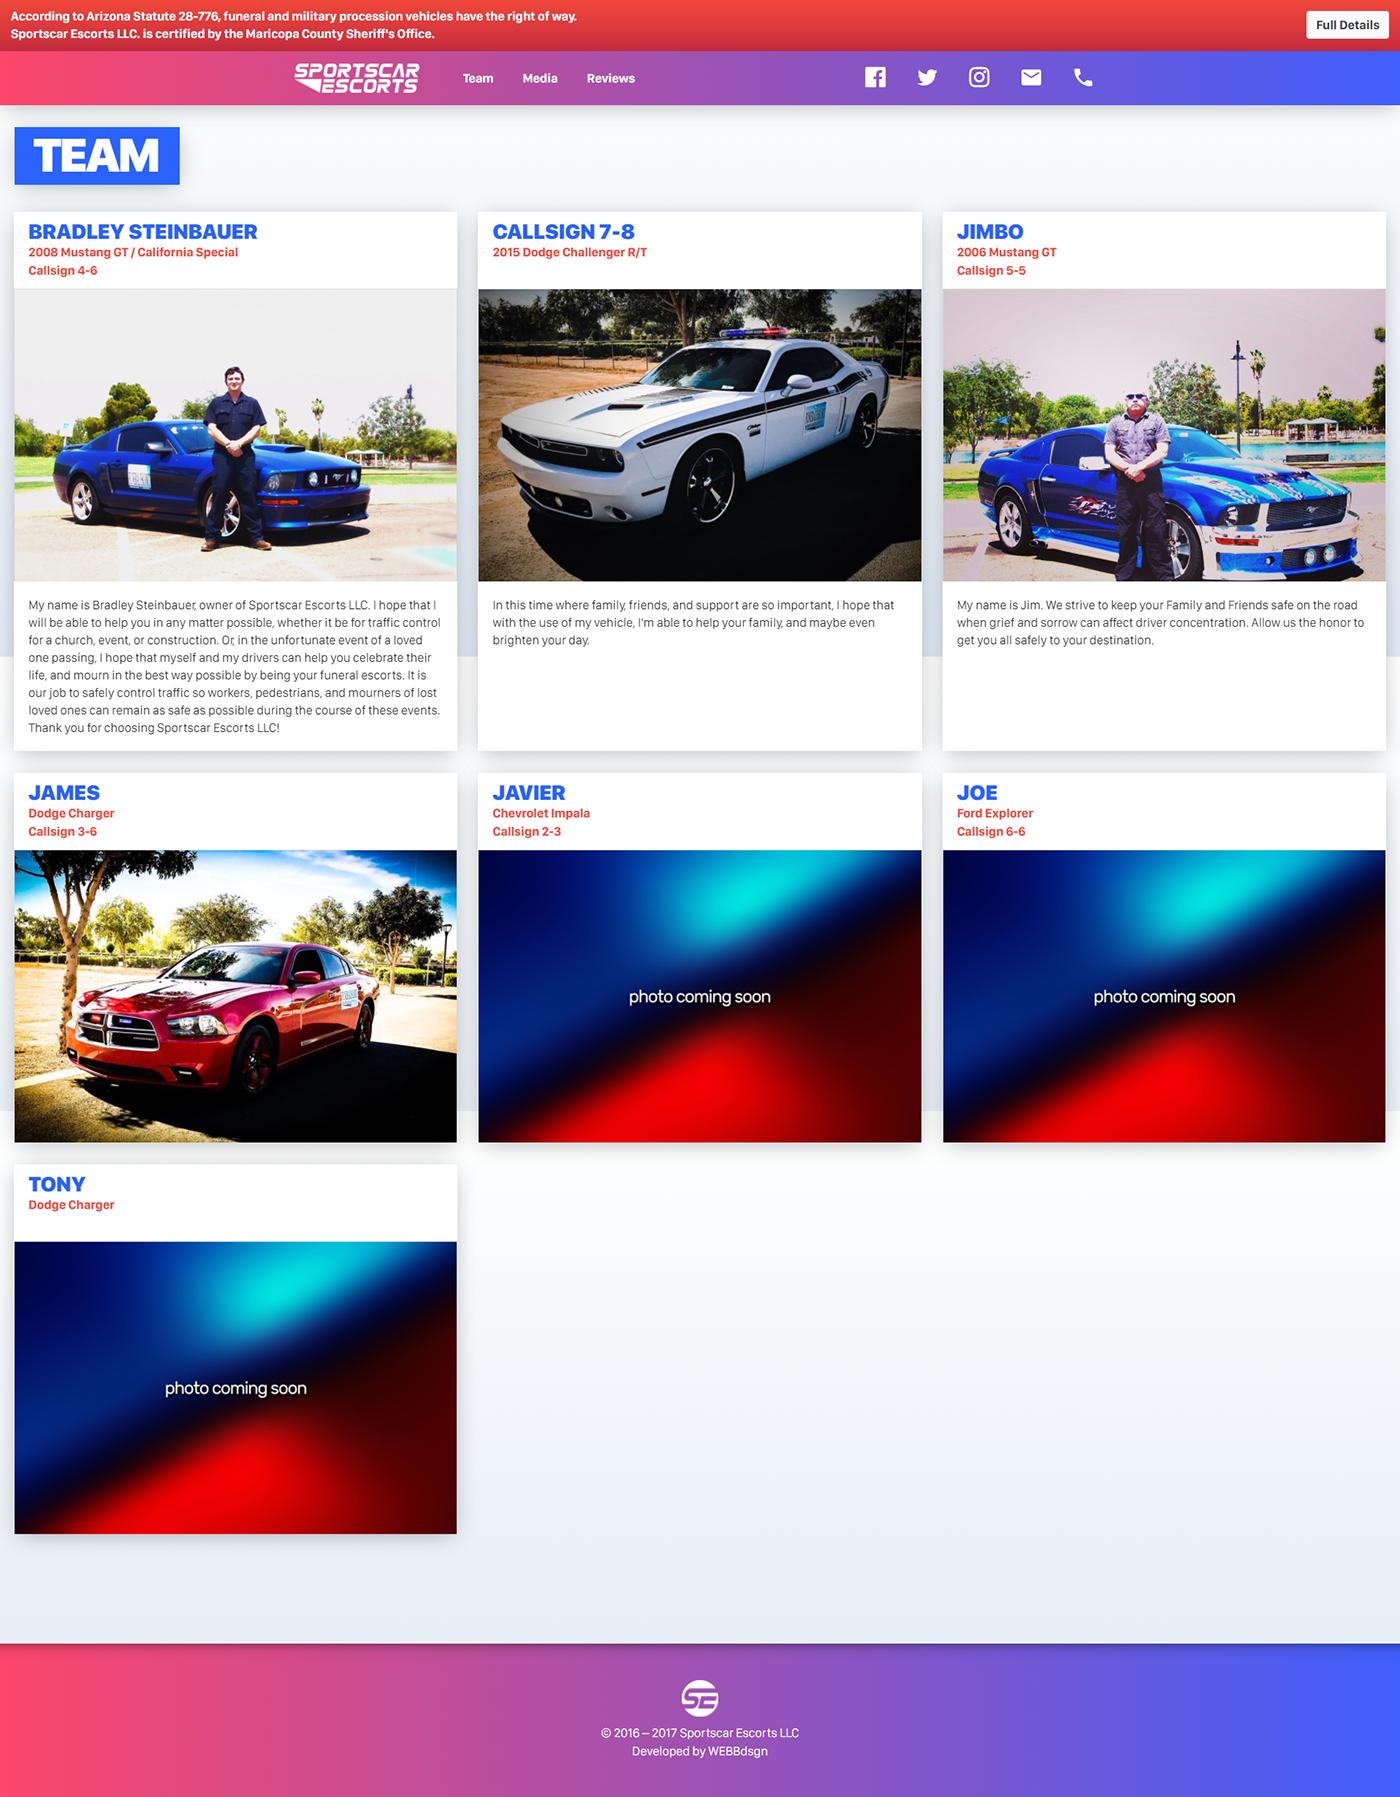 sportscar escorts,Sportscar,funeral,traffic,steinbauer